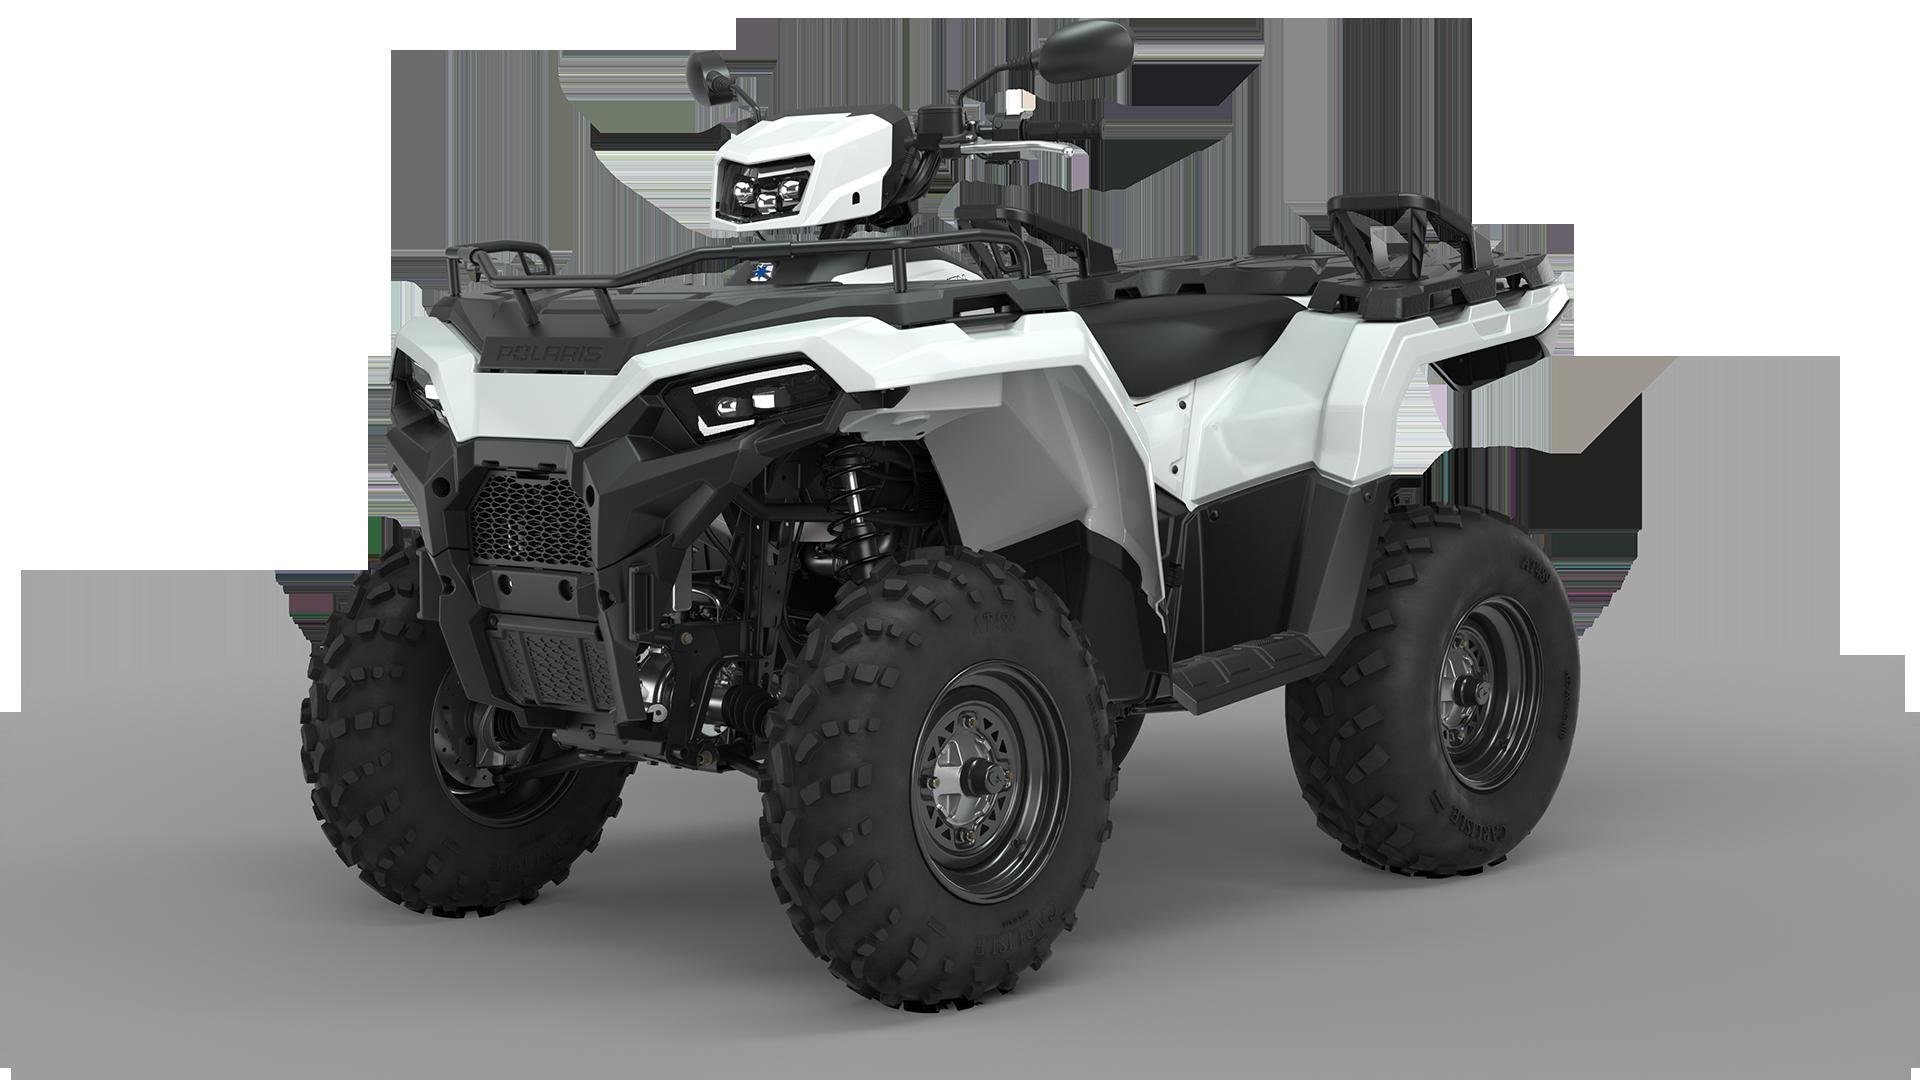 ATV Polaris Sportsman 570 2022